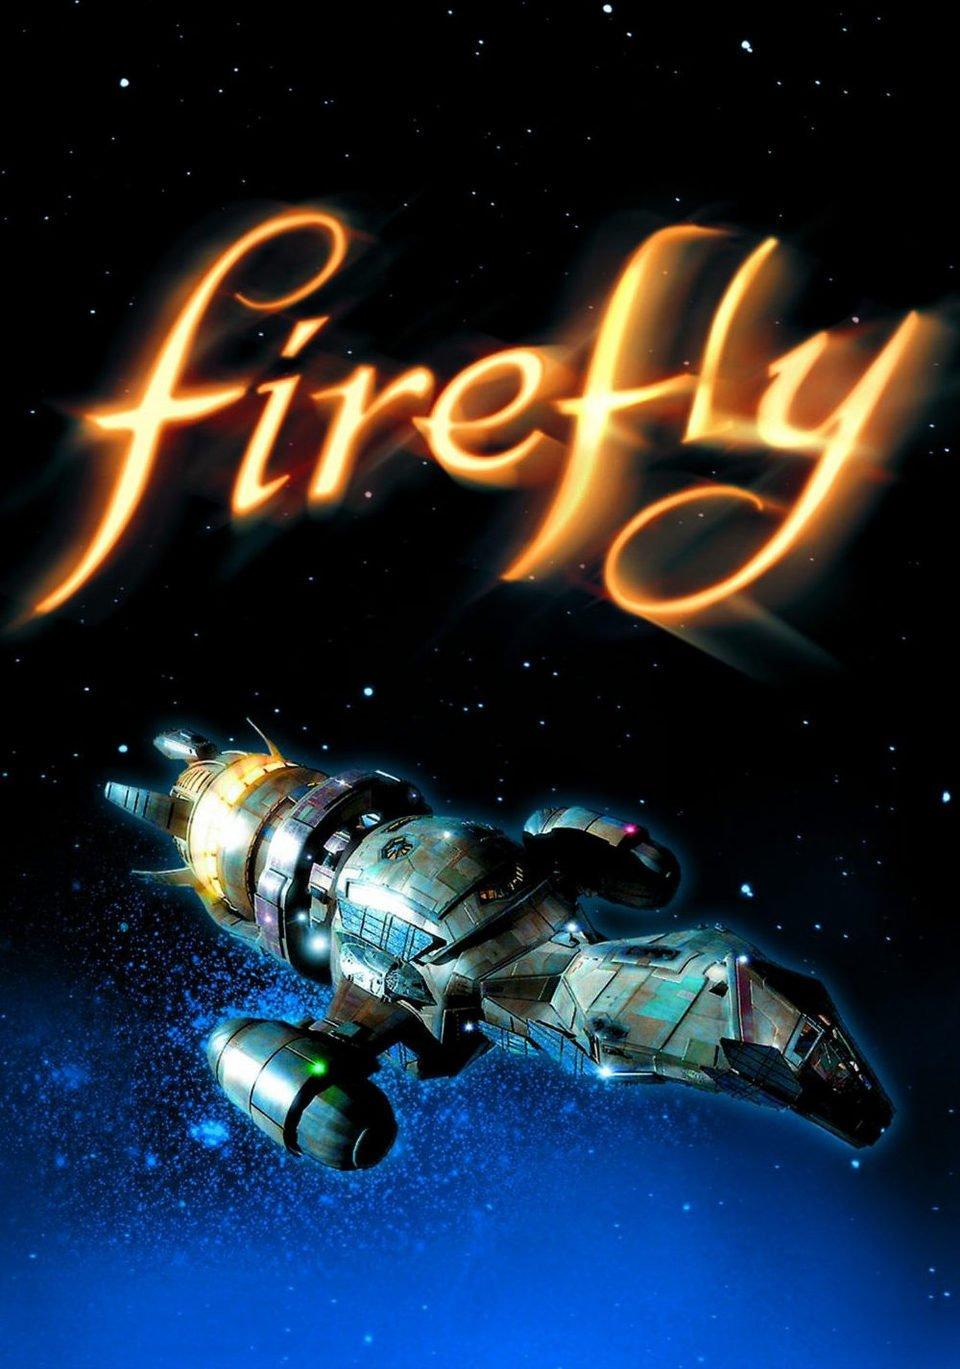 Cartel 'Firefly' #1 de 'Firefly'